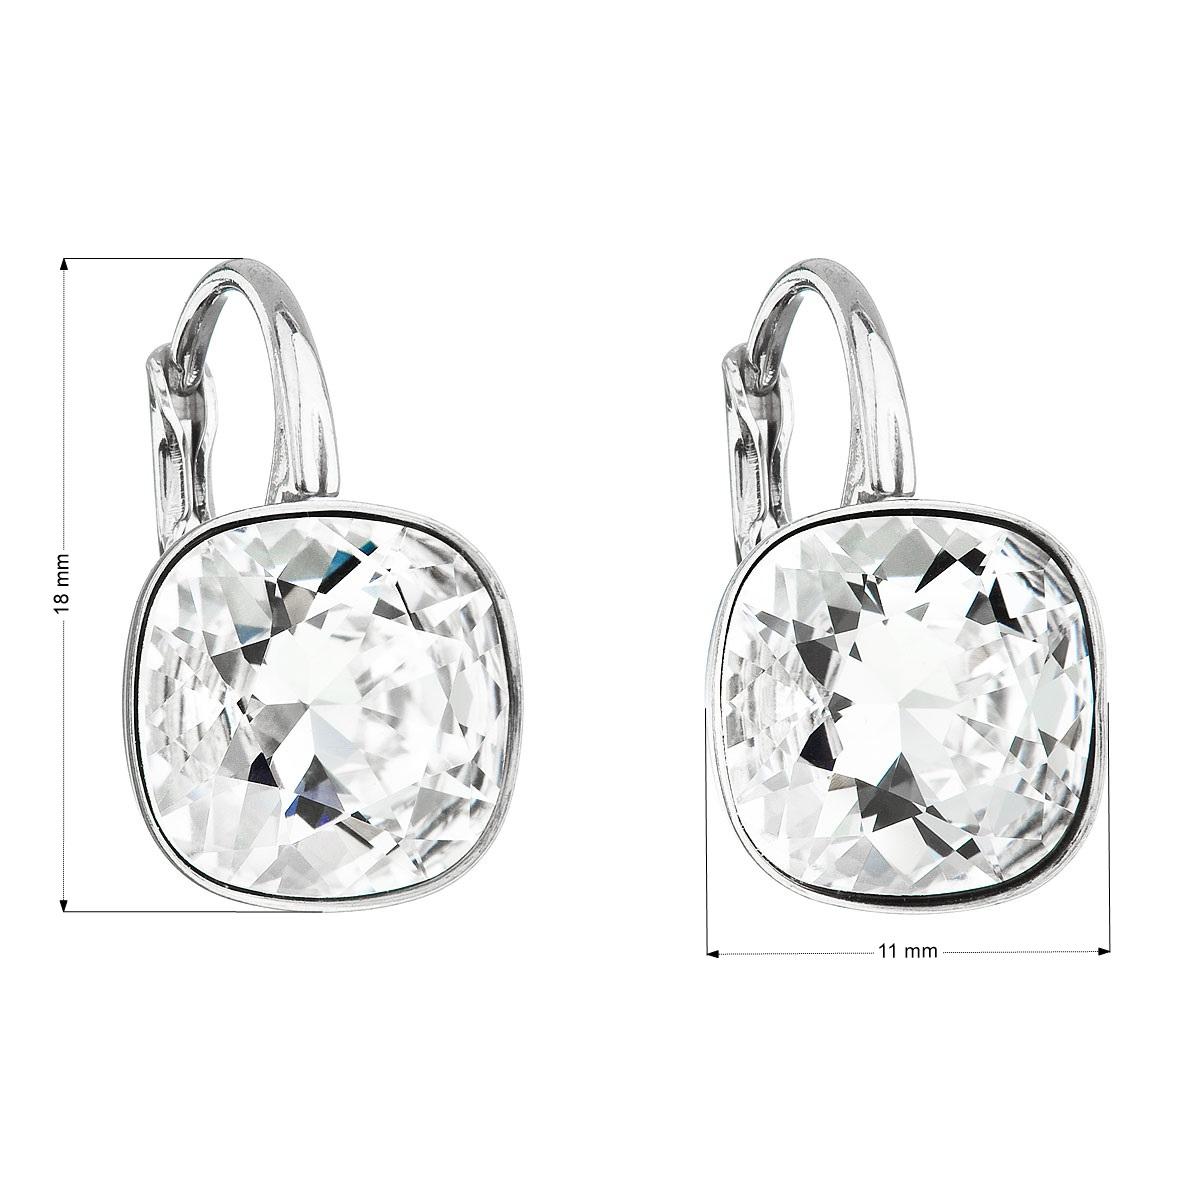 Evolution Group Stříbrné náušnice visací s krystaly Swarovski bílý čtverec 31241.1